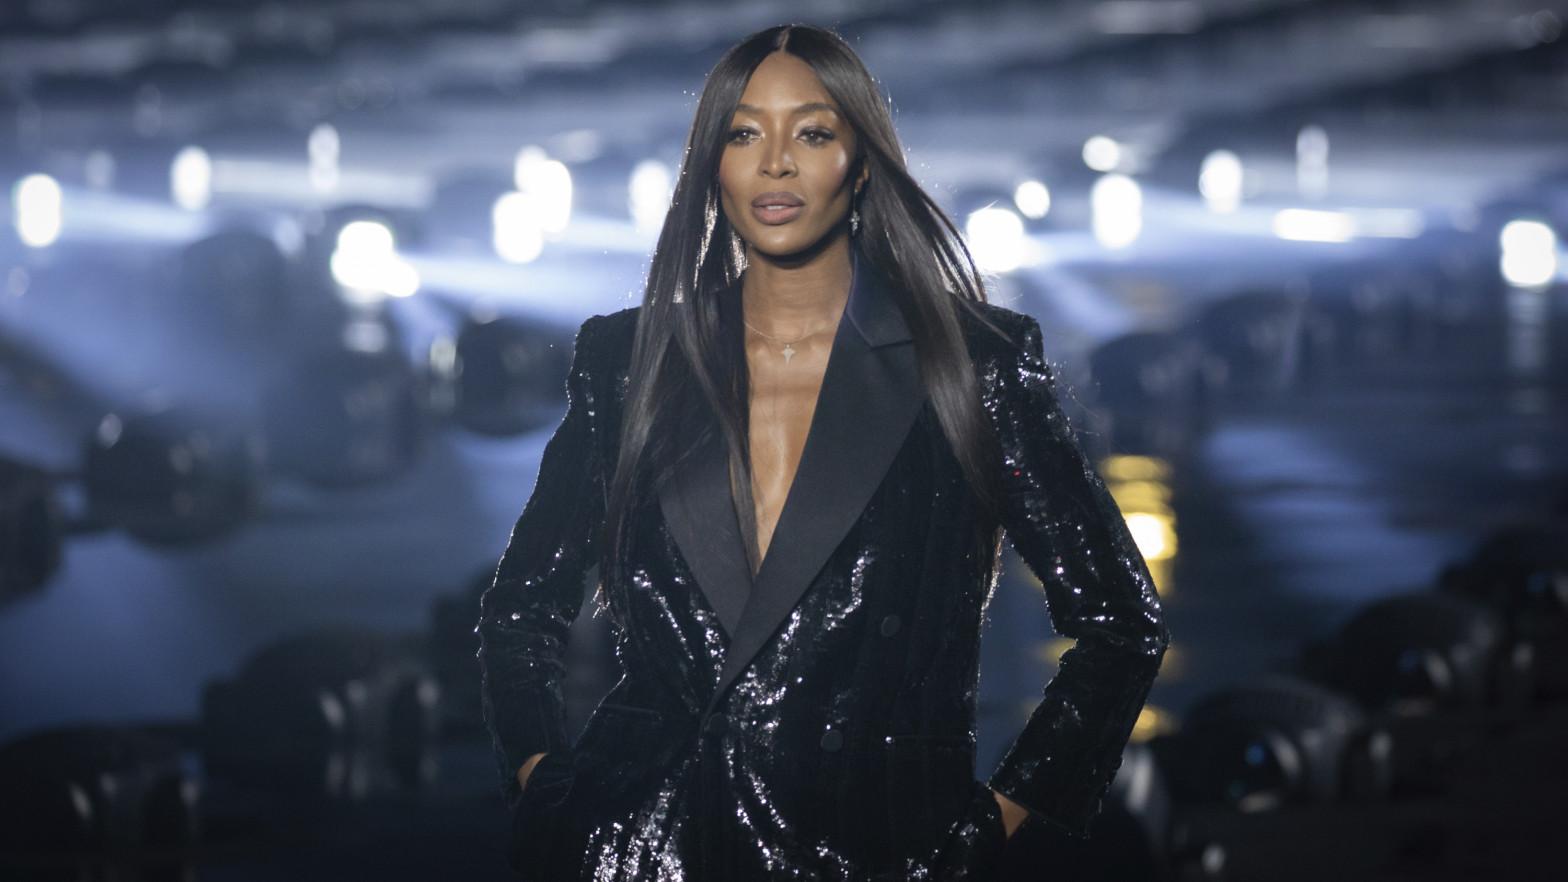 La supermodelo Naomi Campbell, madre primeriza a los 50 años: toda una sorpresa